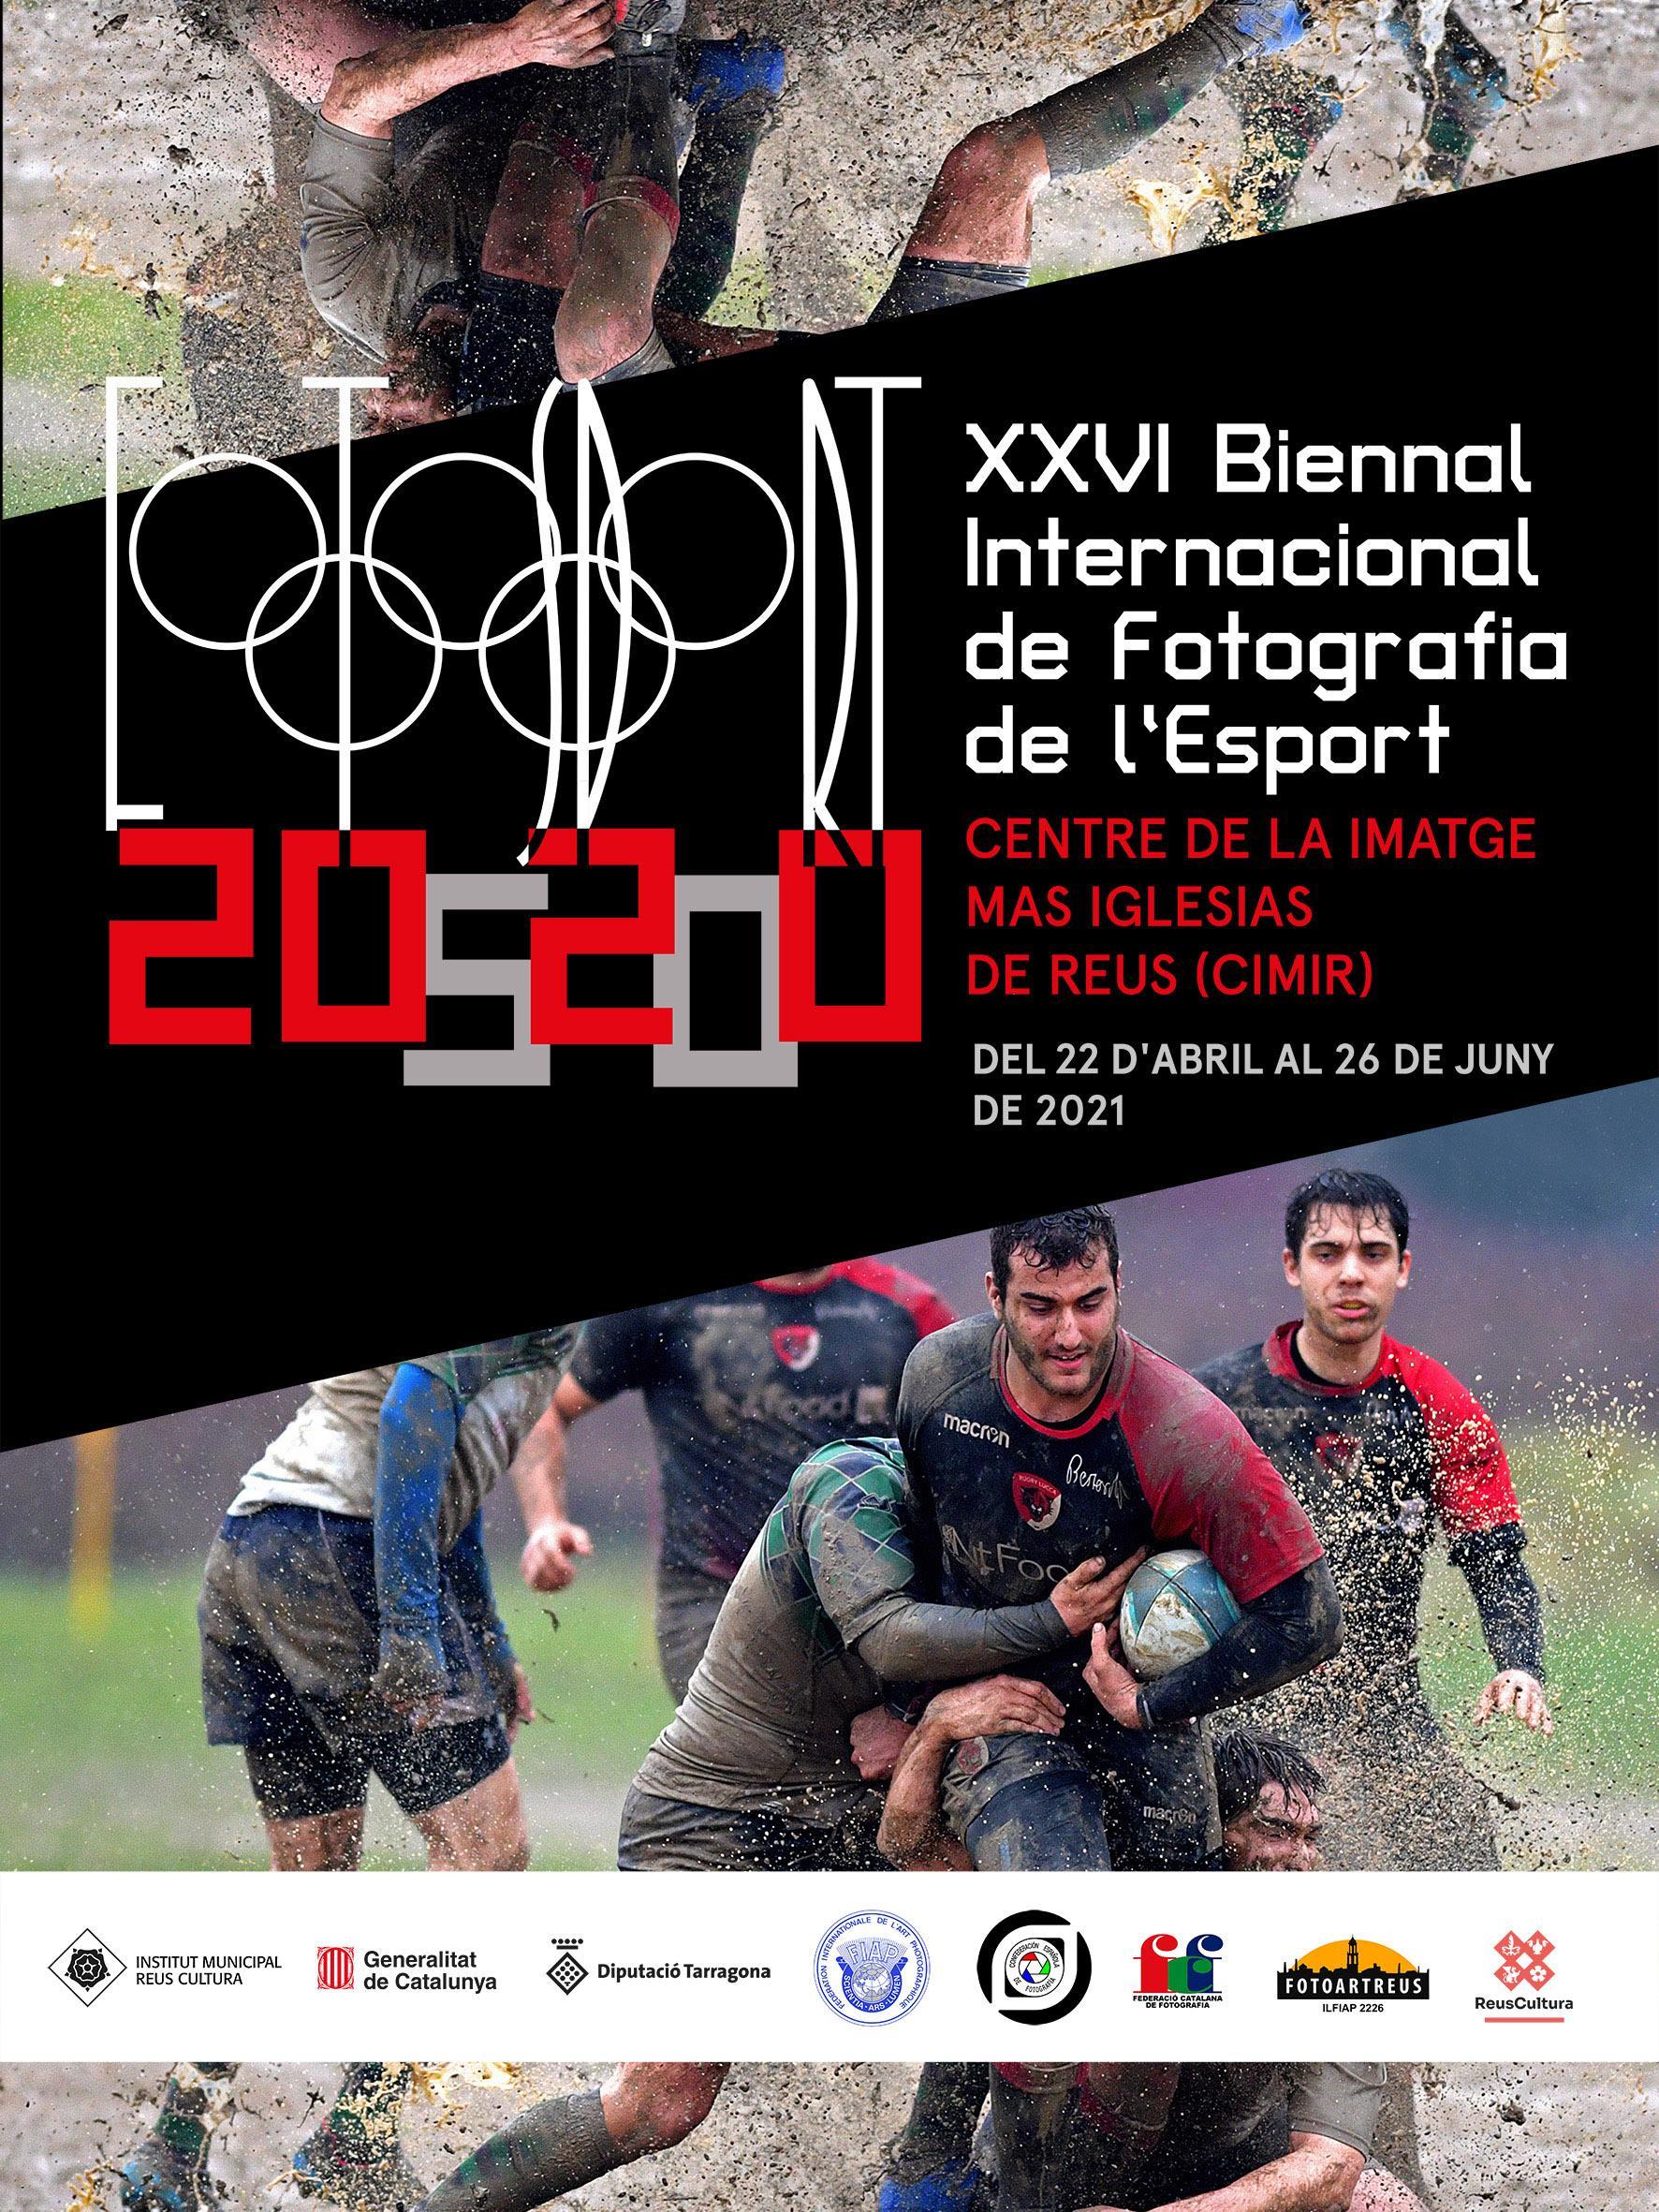 XXVI Biennal Internacional de Fotografia de l'Esport